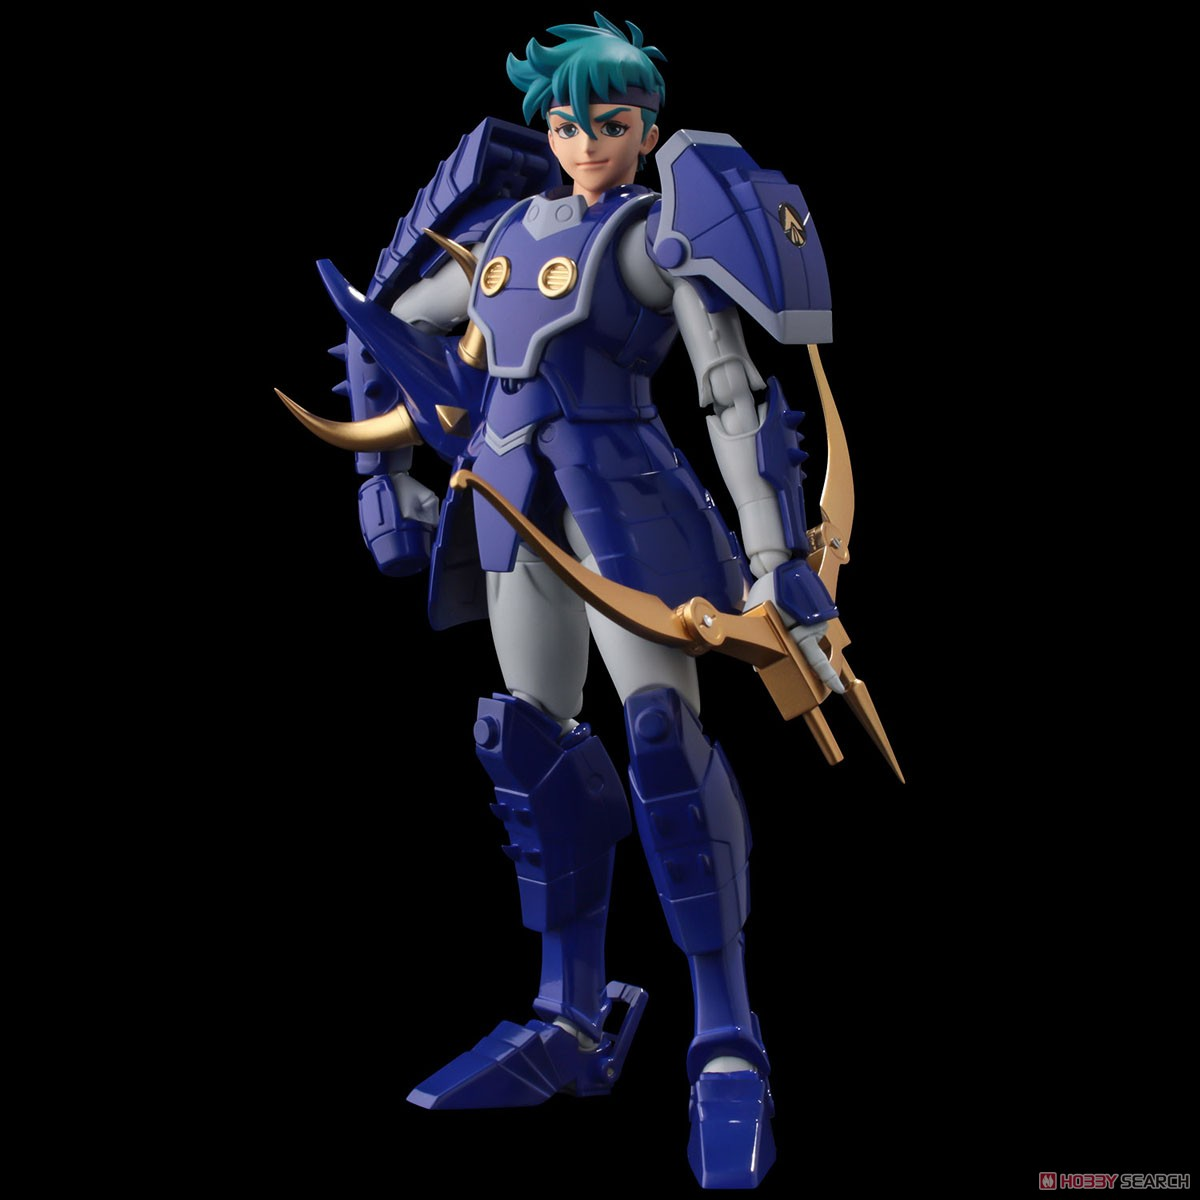 超弾可動『天空のトウマ』鎧伝サムライトルーパー 可動フィギュア-005